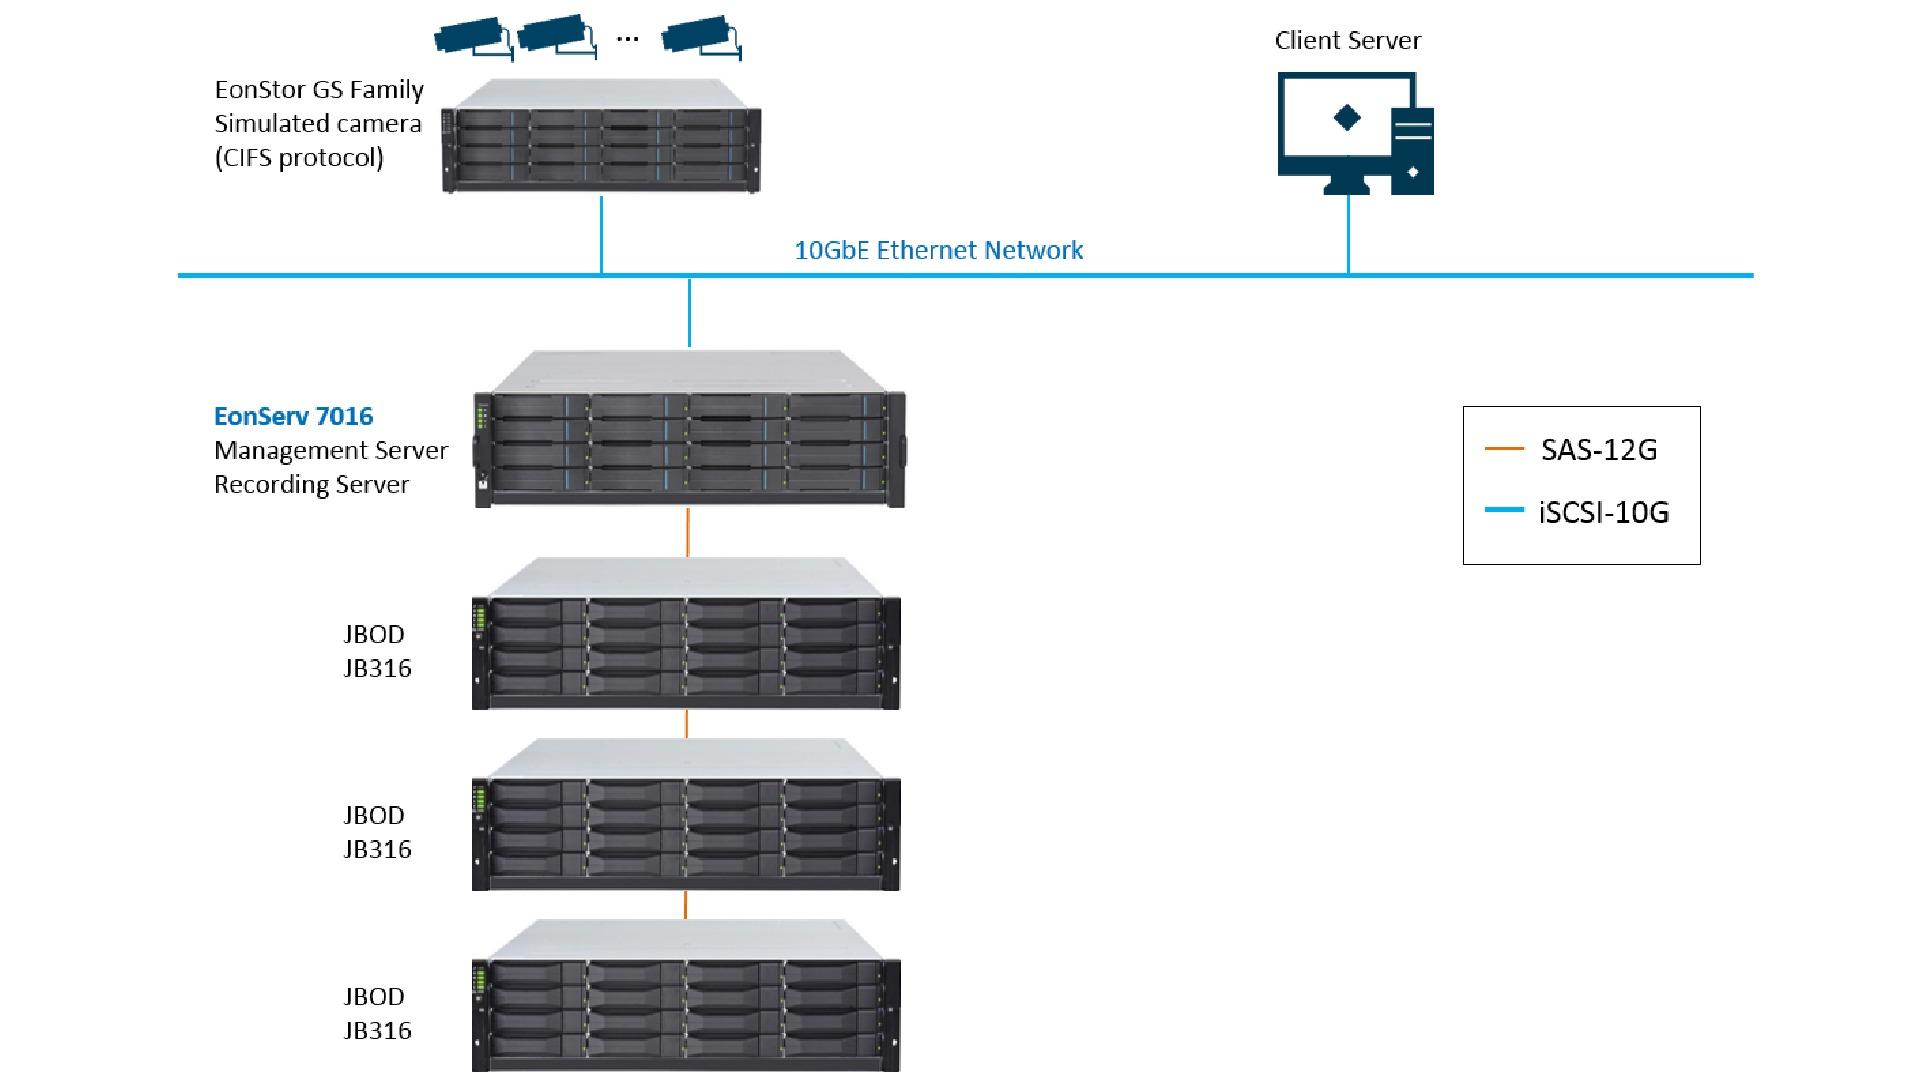 EonServ 7000 - Storage Server with Surveillance VMS | Infortrend